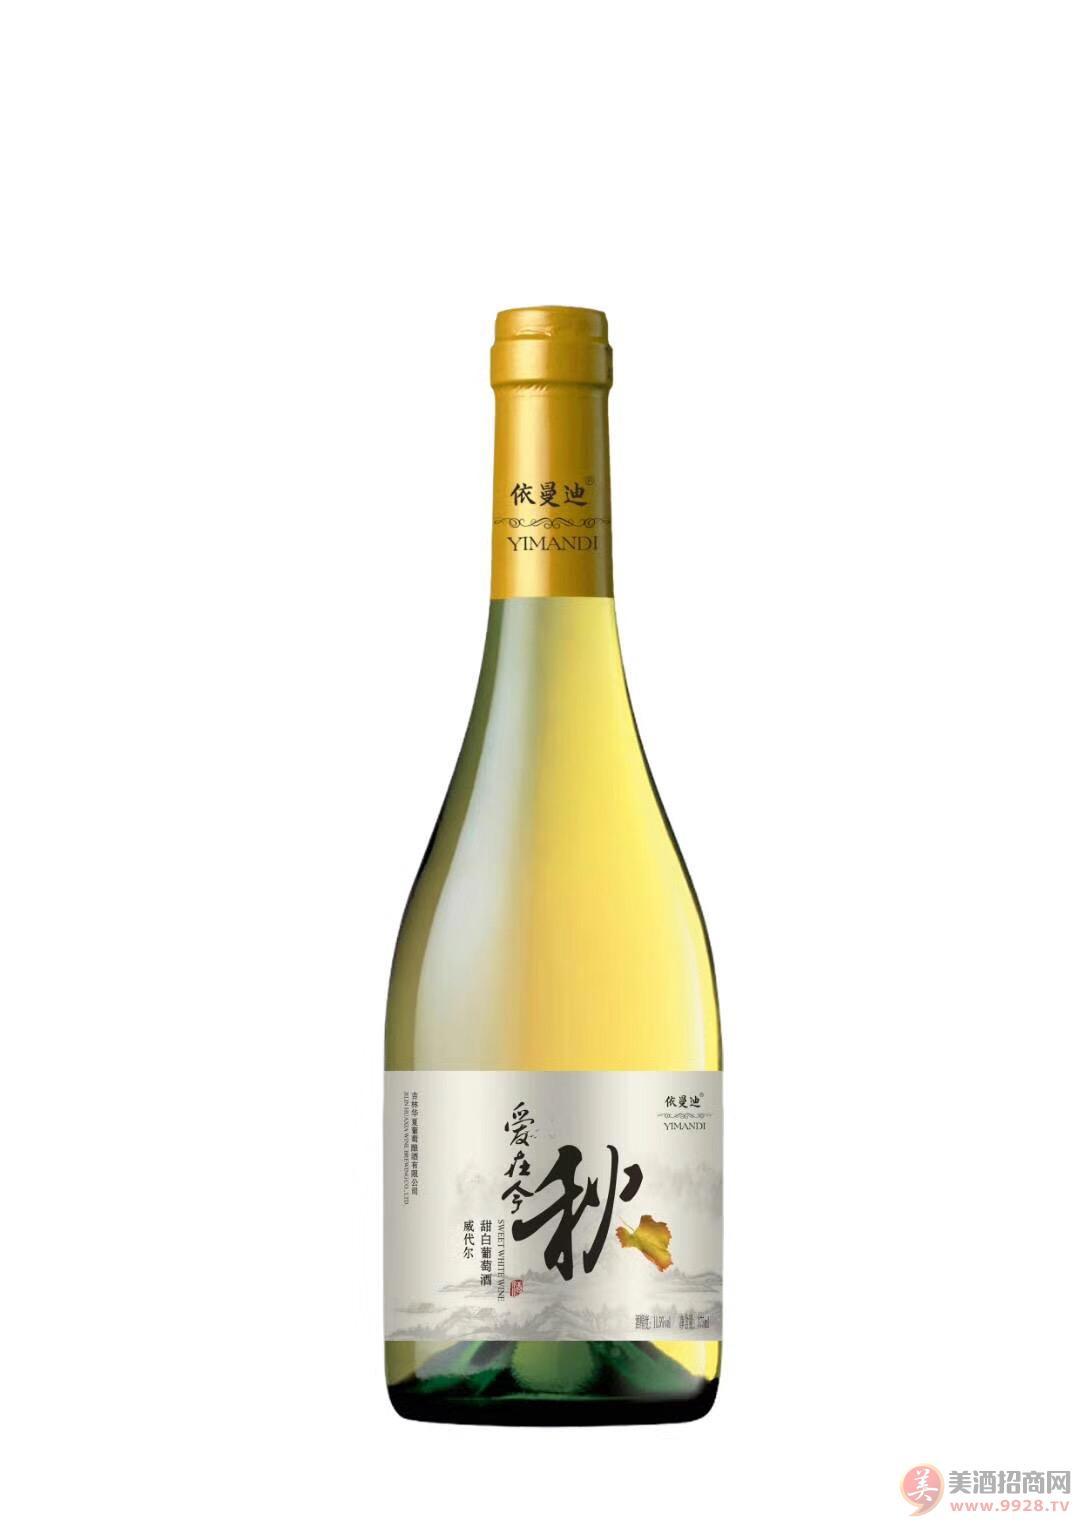 """金秋十月,收货的季节,吉林华夏酒业推出新款""""爱在今秋""""葡萄酒"""